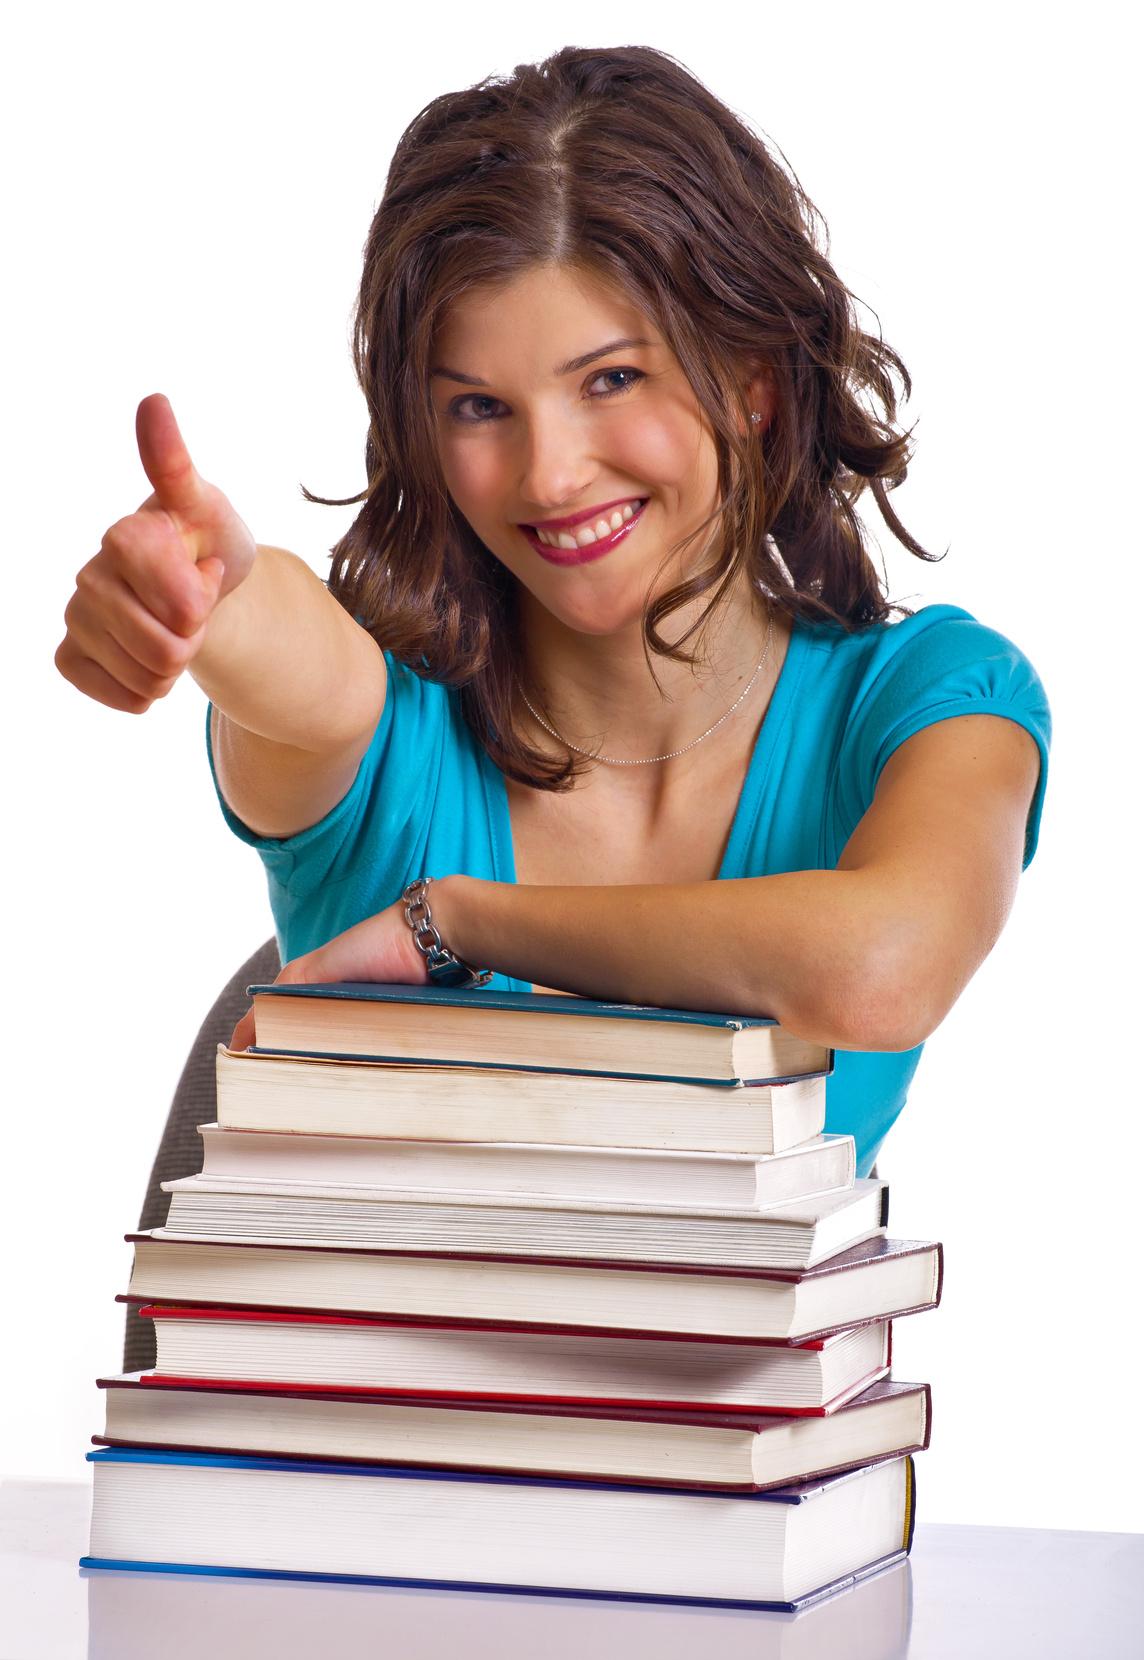 Schneller lesen durch die richtige Vorbereitung